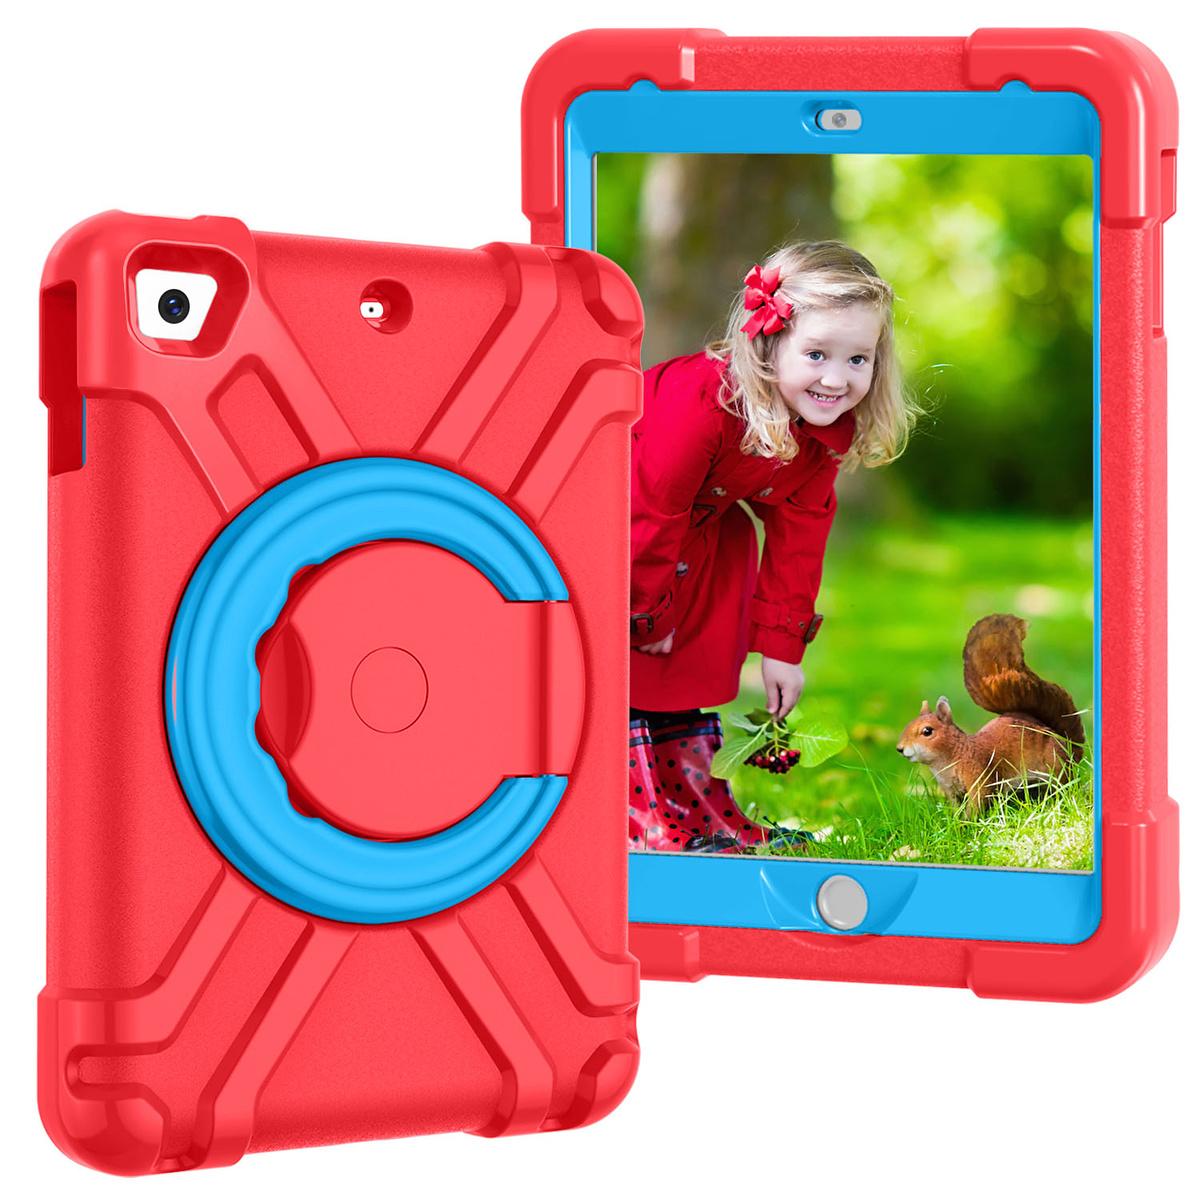 Barnfodral med roterbart ställ, iPad Mini 1/2/3, röd/blå